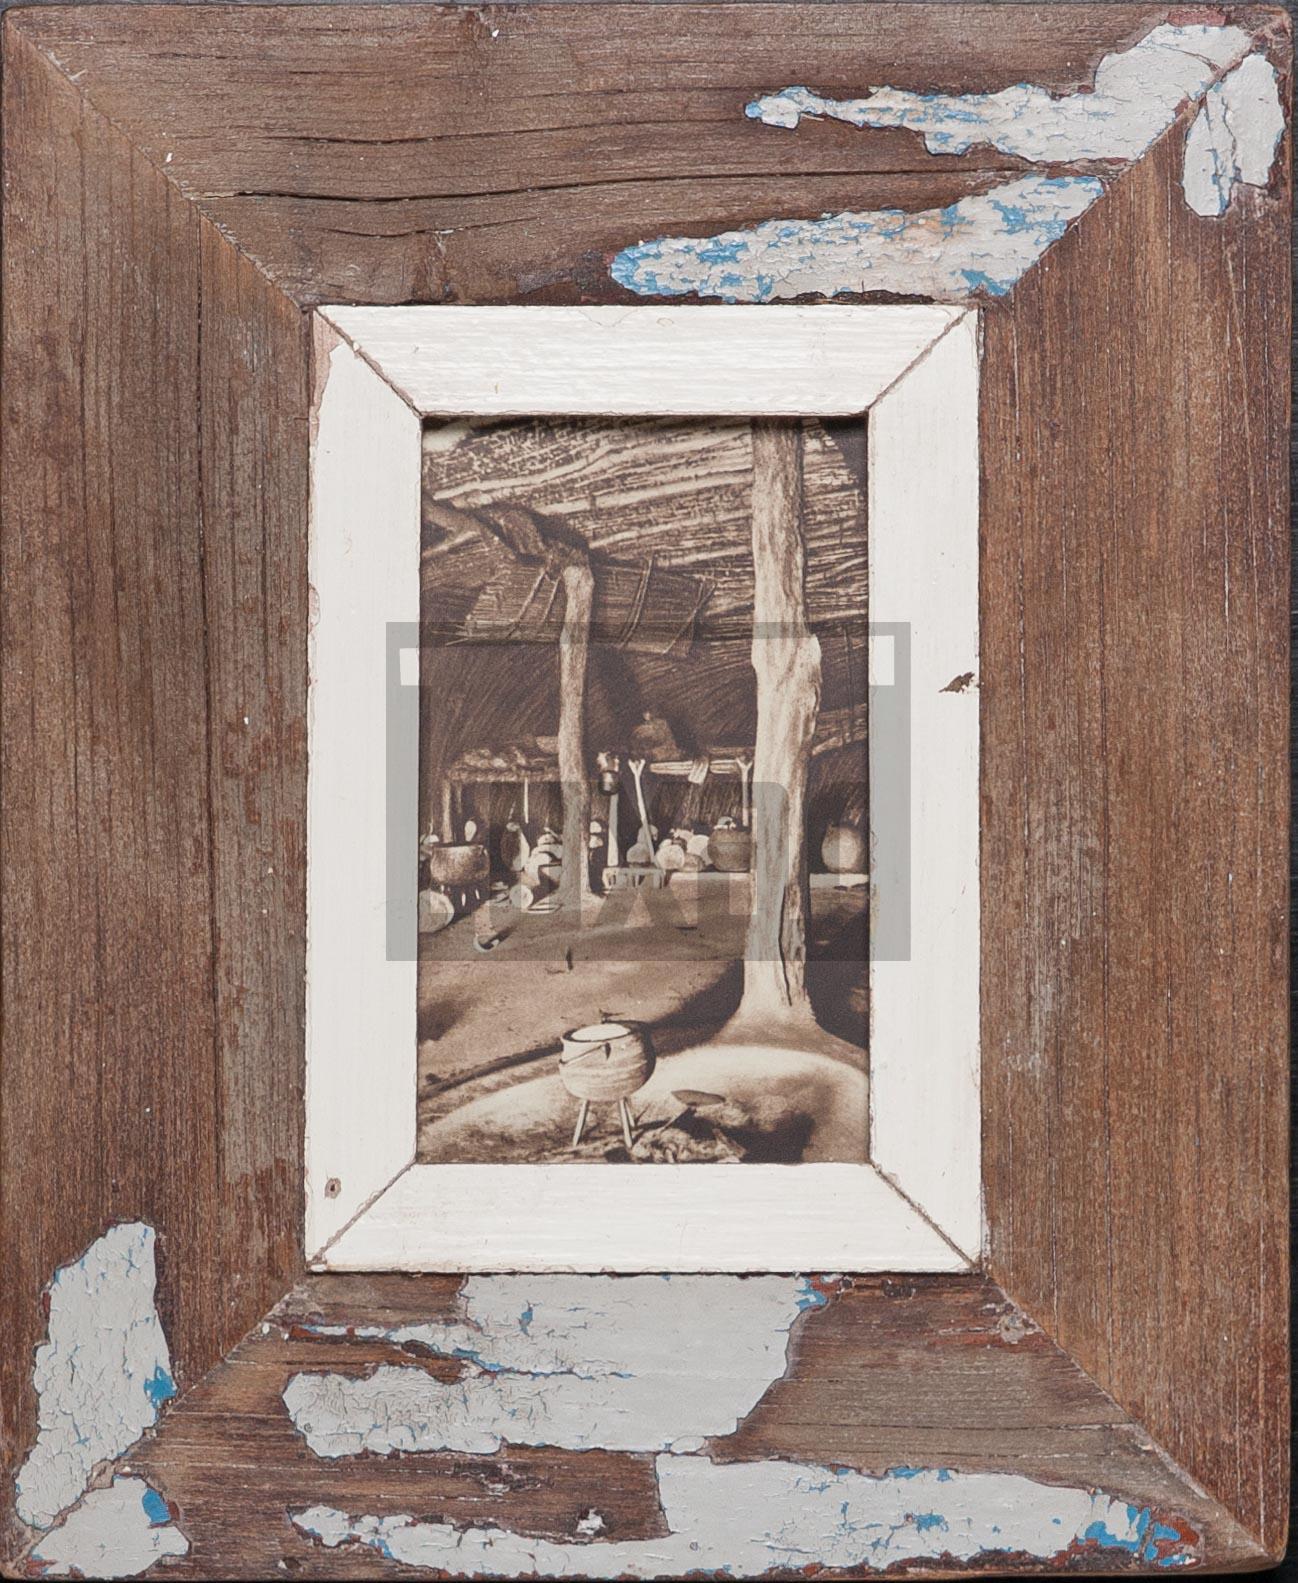 Vintage-Fotorahmen aus recyceltem Holz für kleine Fotos